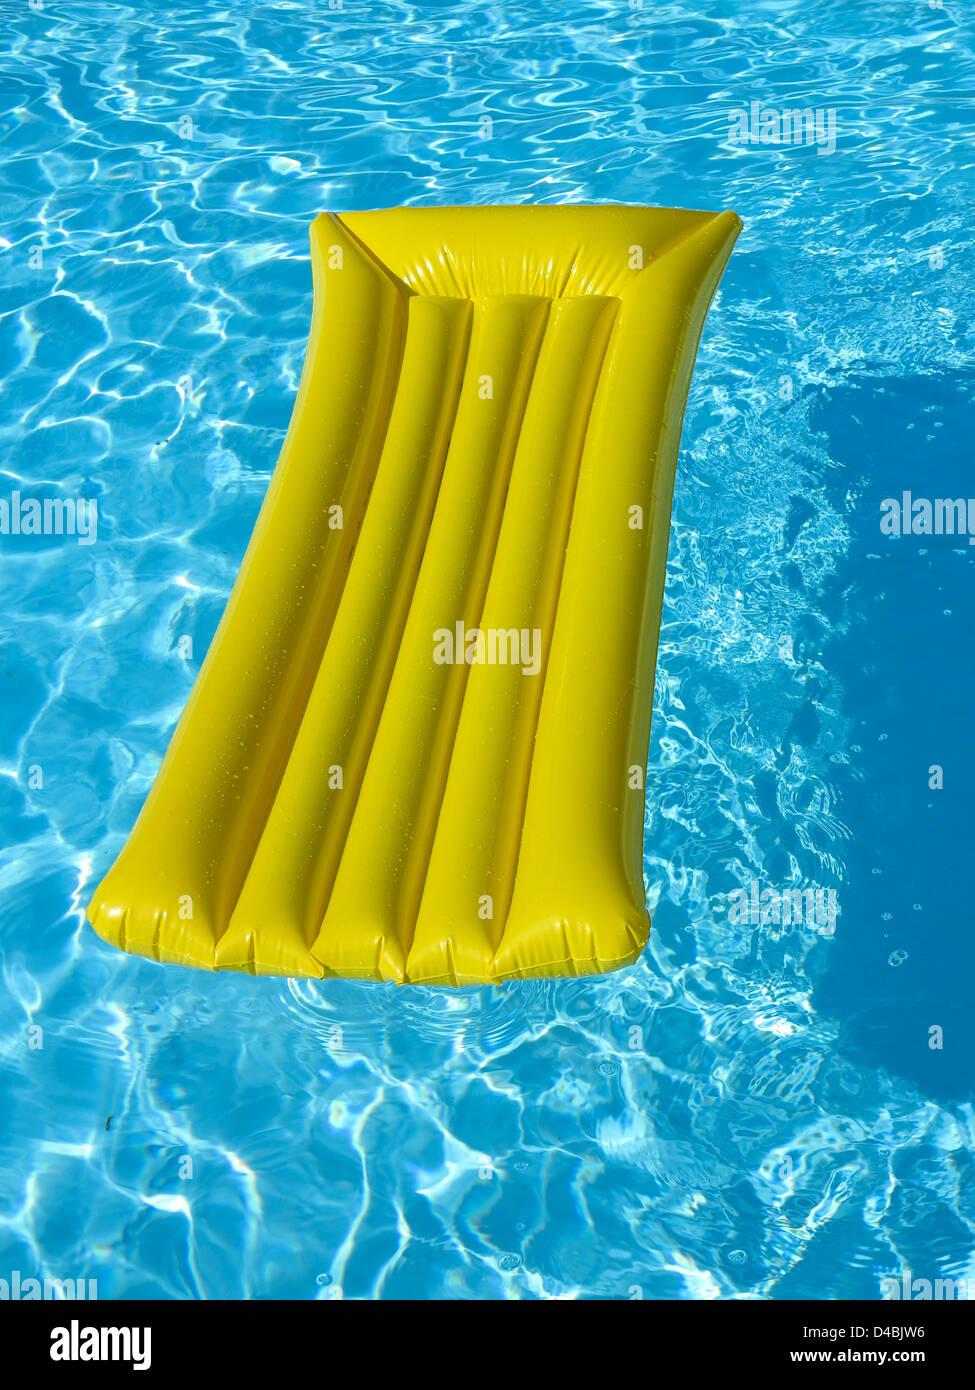 Lilo / colchón de aire inflable en una piscina Imagen De Stock